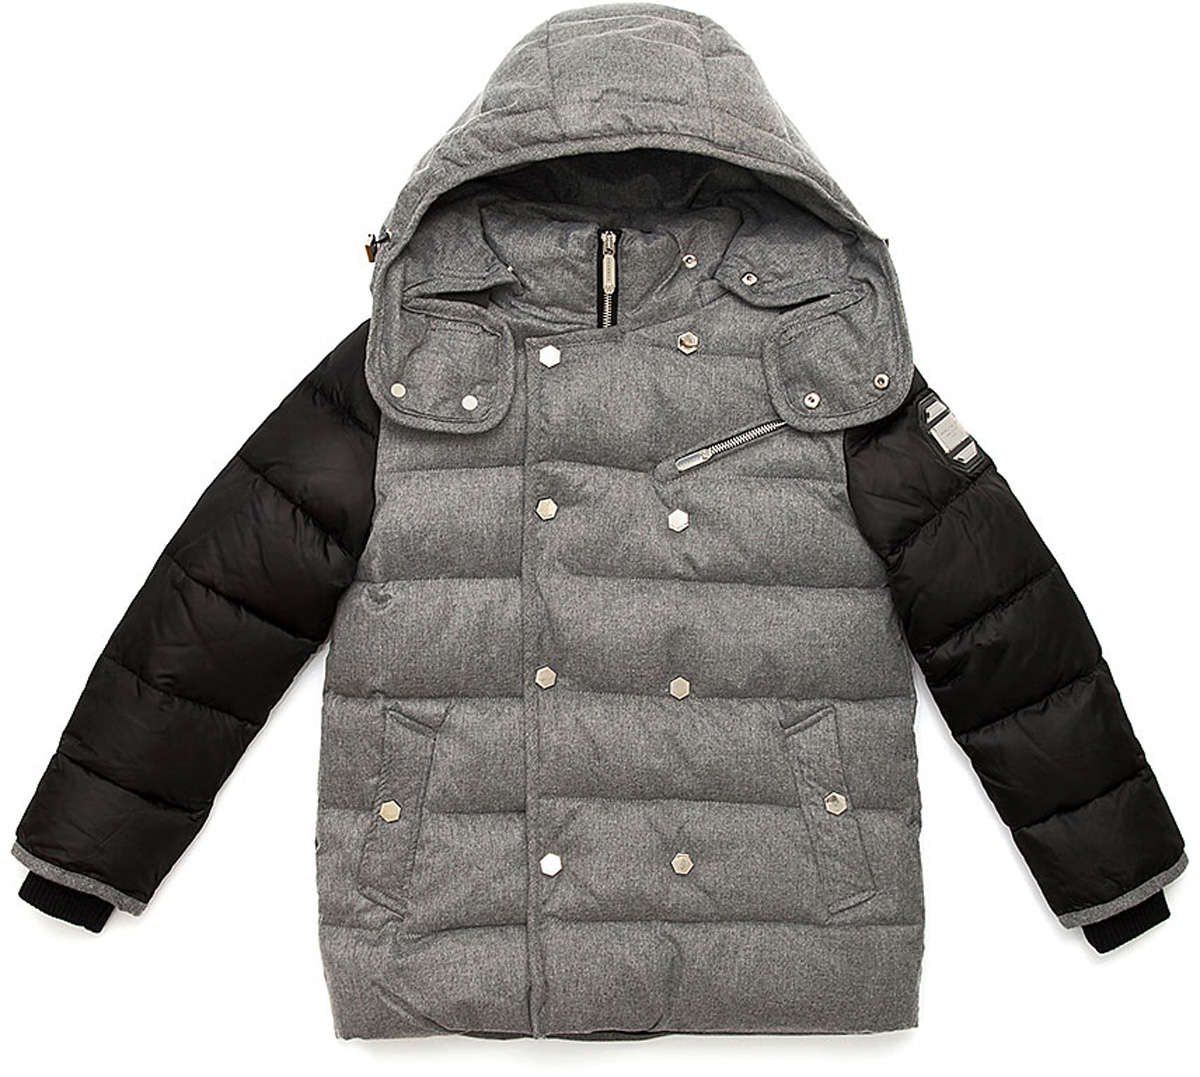 Куртка для мальчика Vitacci, цвет: серый, черный. 1171486-03. Размер 1301171486-03Удлиненная куртка для мальчика Vitacci, изготовленная из полиэстера, станет стильнымдополнением к детскому гардеробу.Подкладка выполнена из полиэстера и дополнительно утеплена флисом по спинке. В качестве наполнителя используется биопух.Температурный режим от -5°С до -20°С.Теплая, удобная и практичная куртка идеально подойдет юному моднику для прогулок!